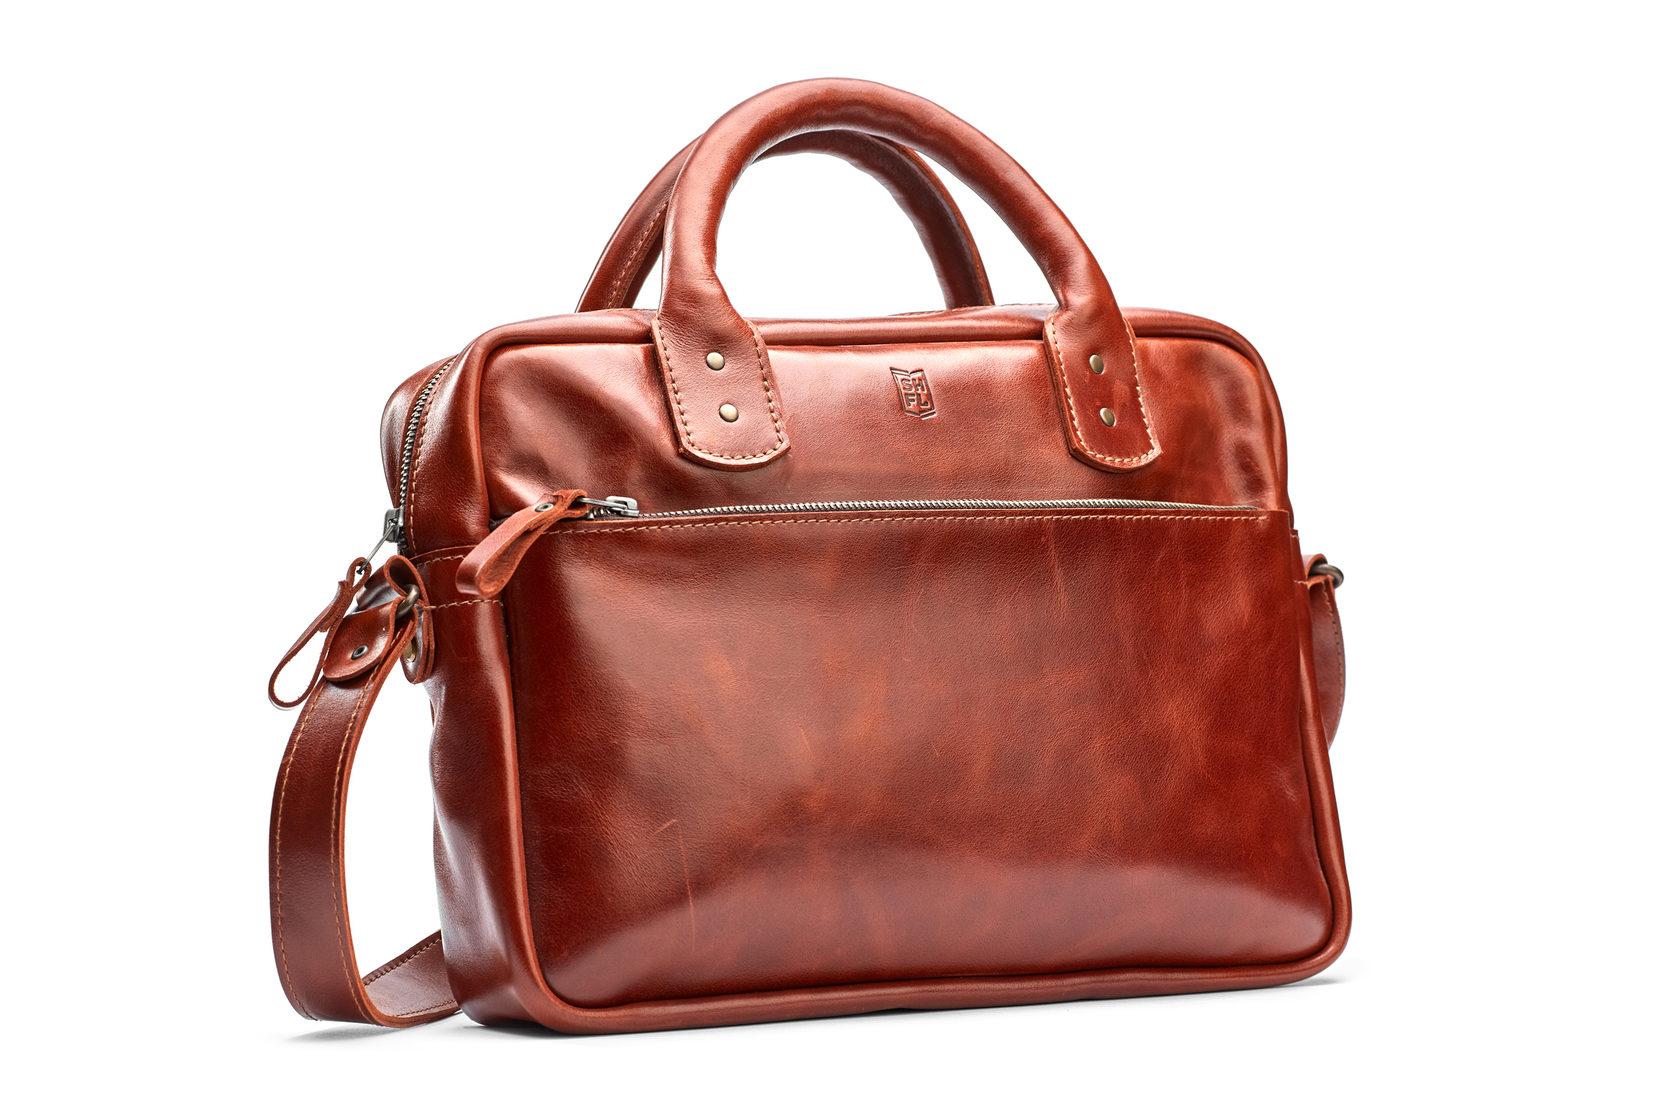 Шкіряний портфель SEVEN | Shuflia